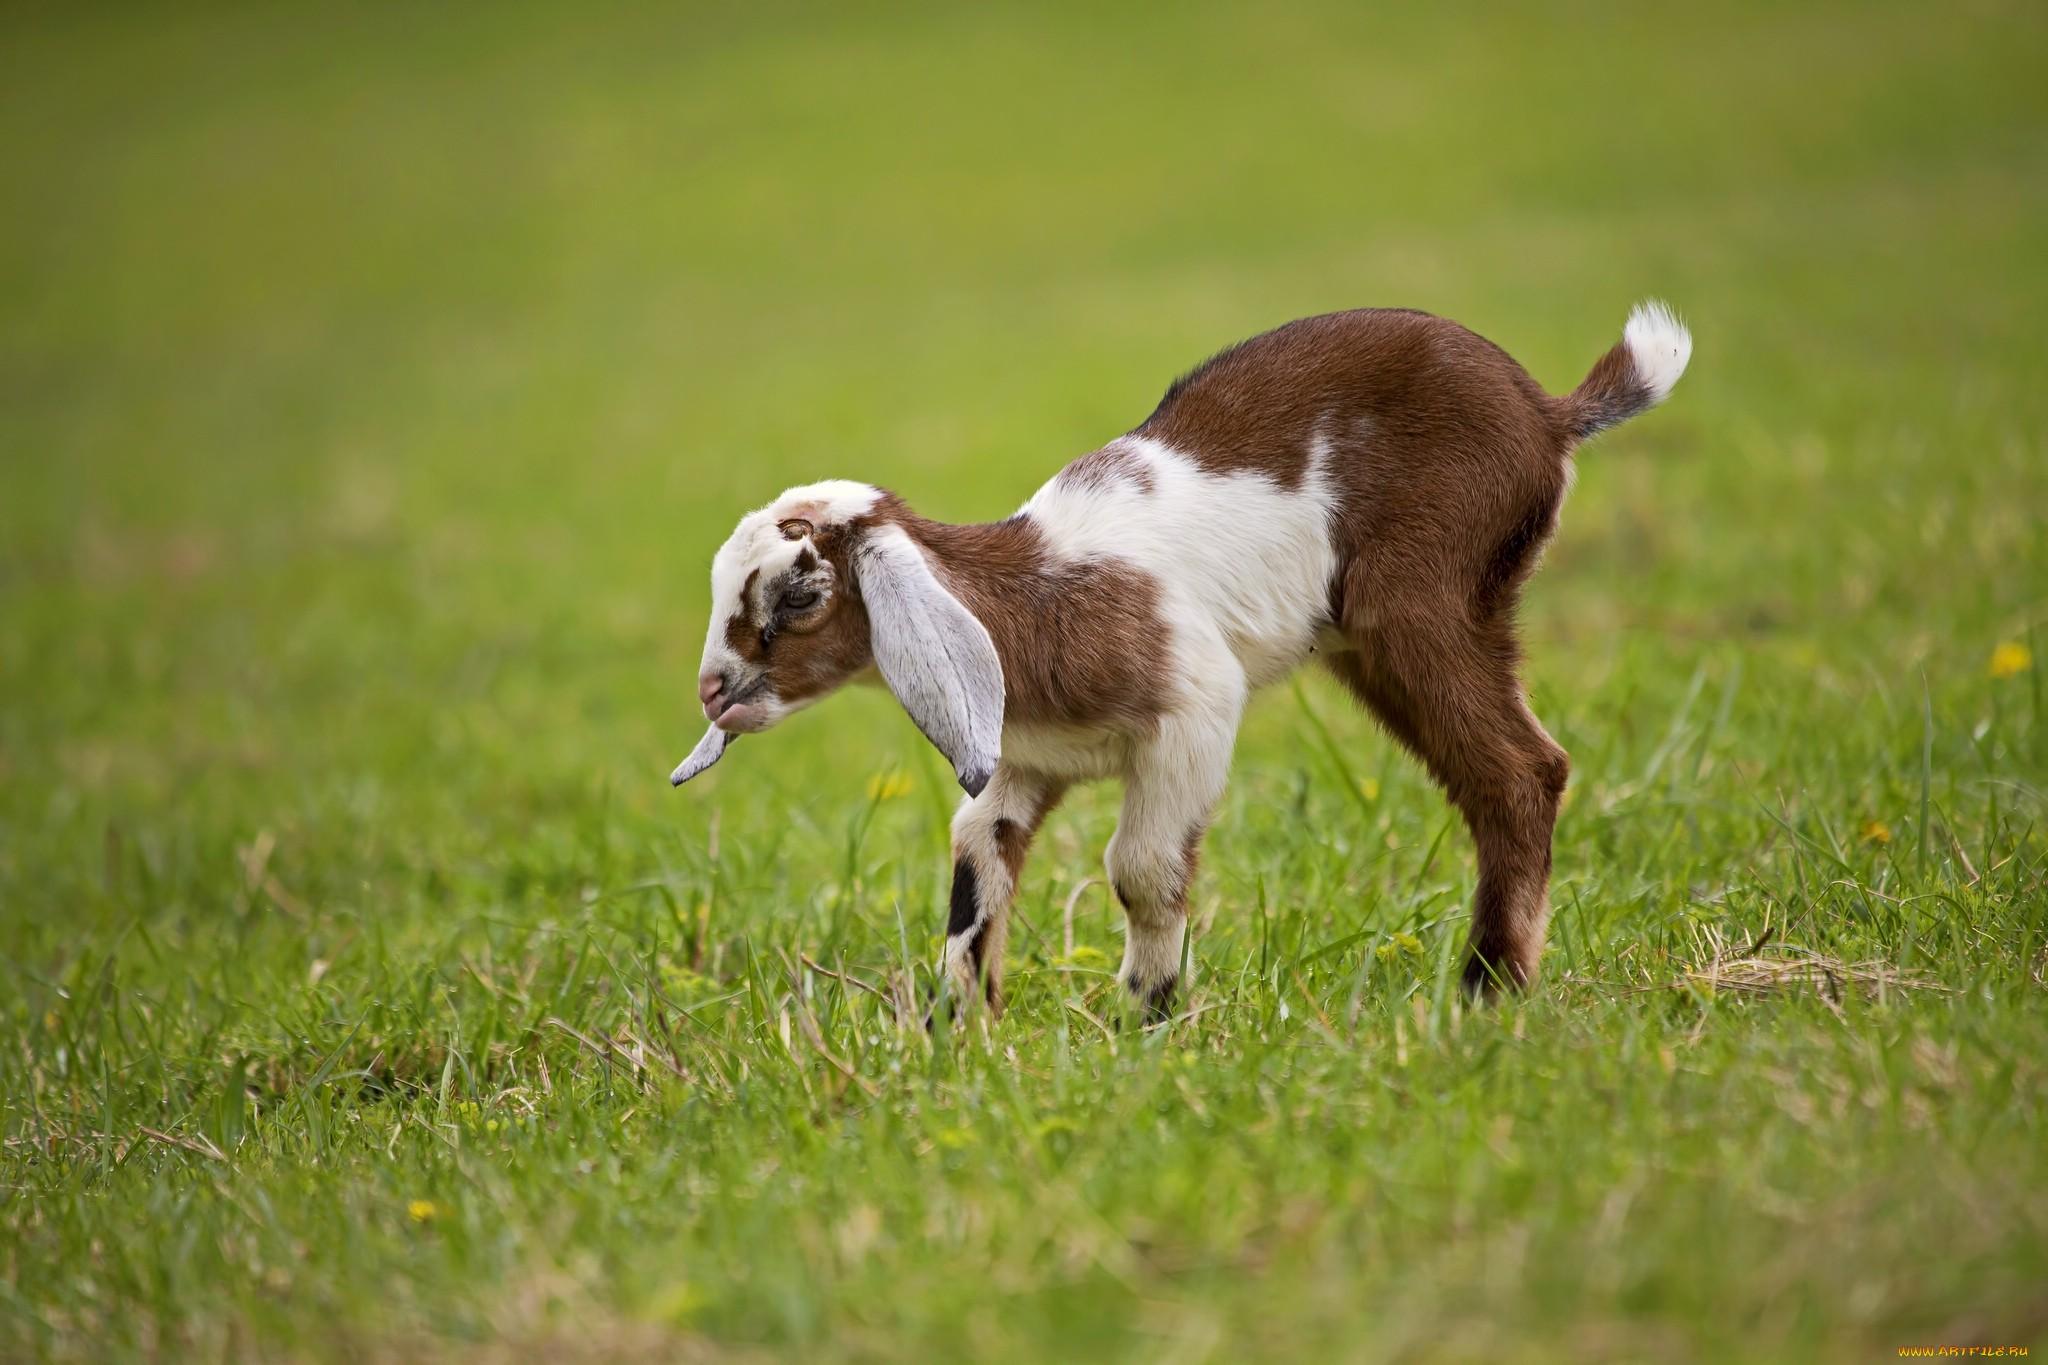 козел на траве без смс